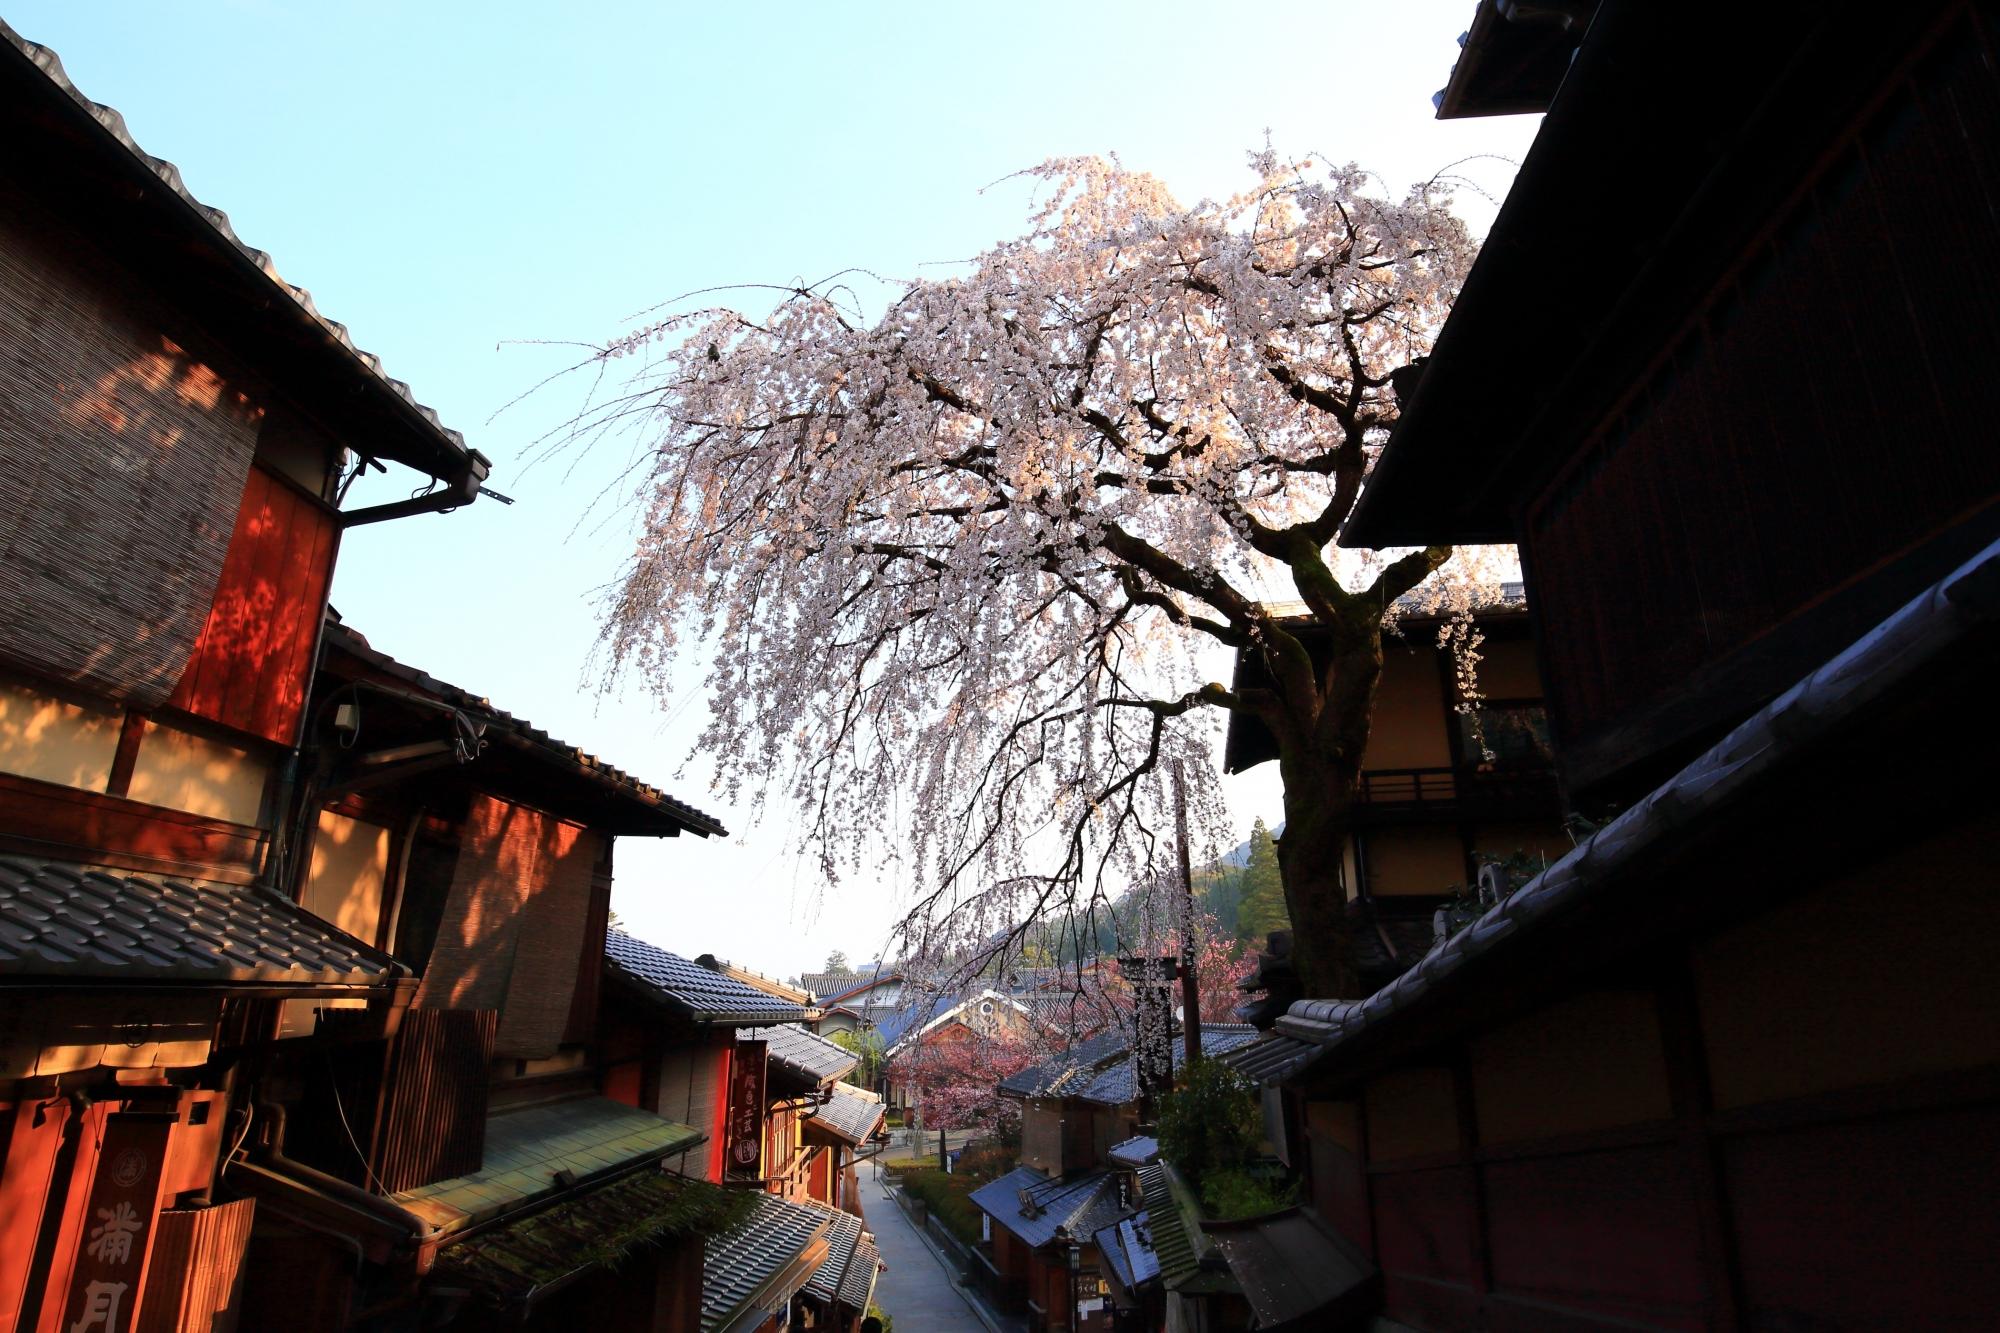 古風で情緒ある街並みと一緒に楽しめる桜